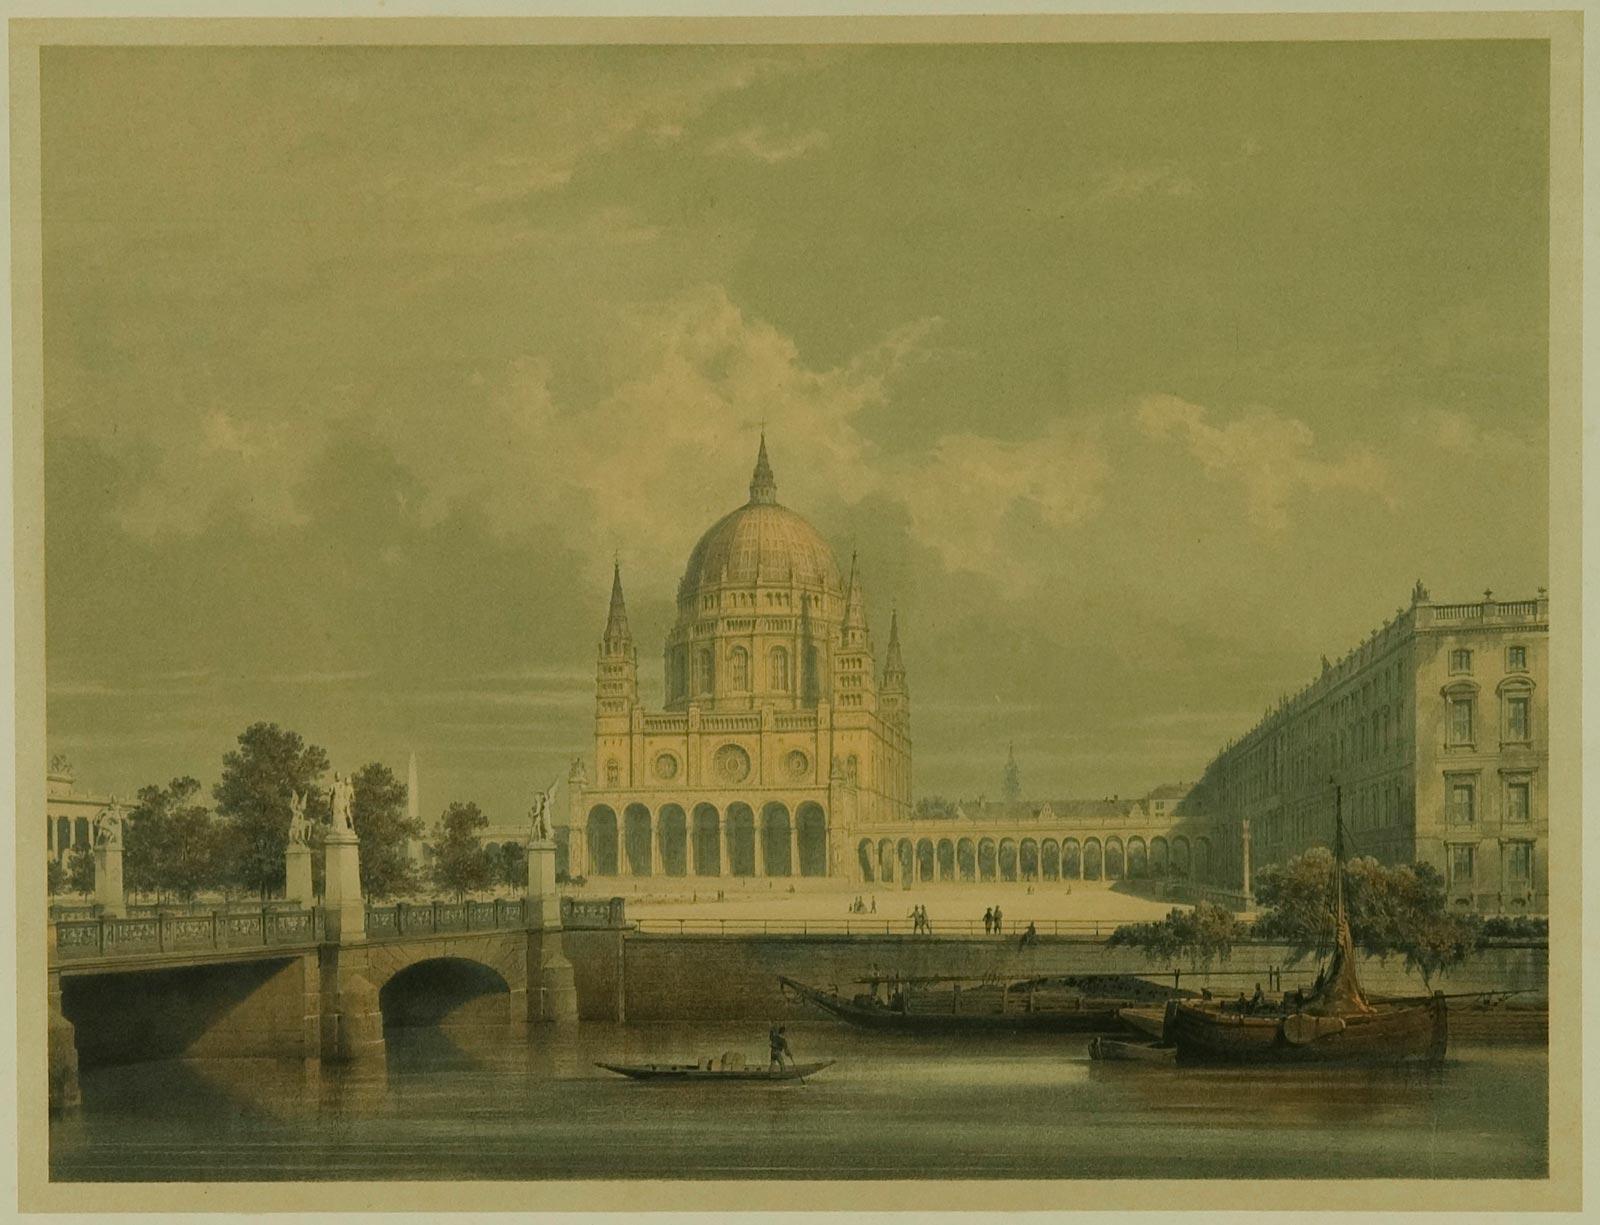 Zweites Projekt Stülers (Zentralbau) für einen Domneubau, perspektivische Ansicht von West, 1857 (Bestand 18, Nr.1262).